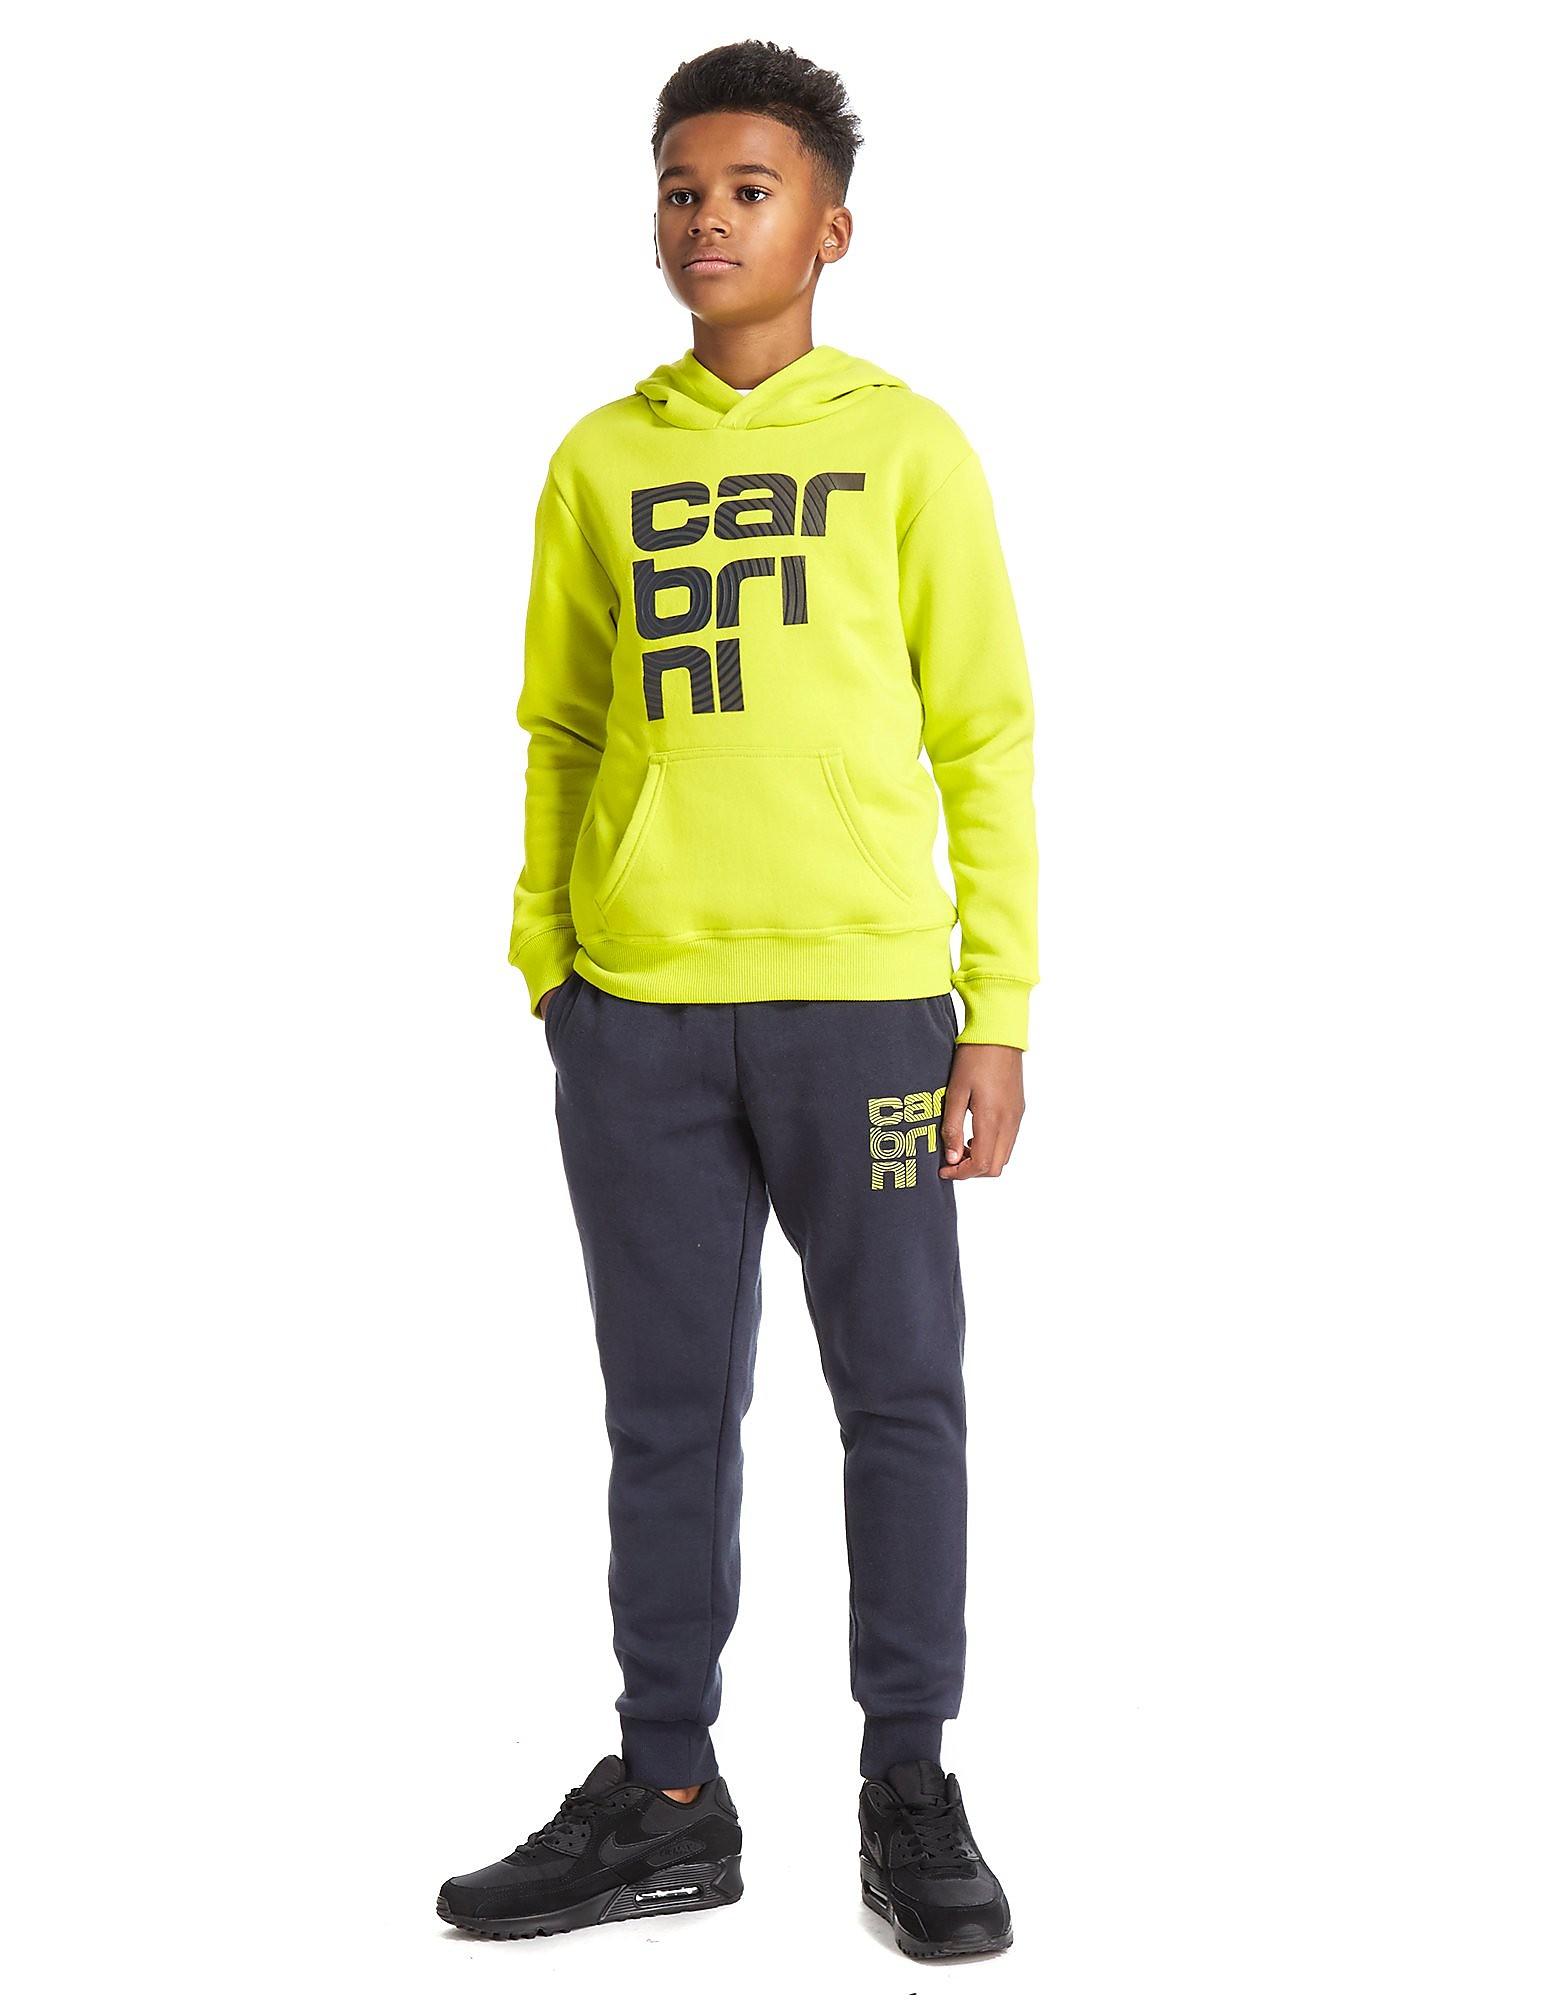 Carbrini Rocket Suit Junior